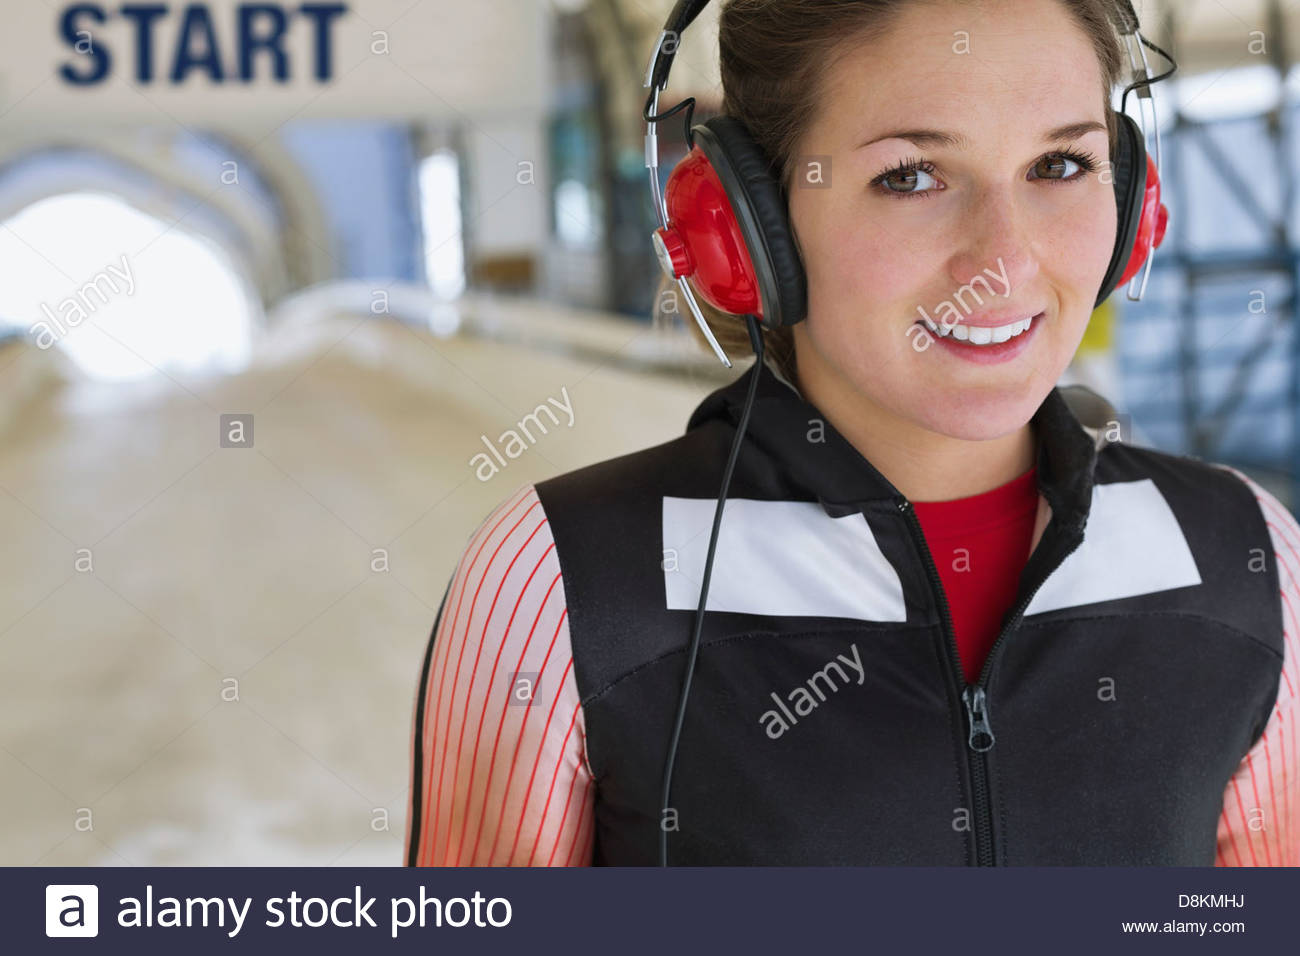 Portrait of female skeleton athlete preparing for race - Stock Image